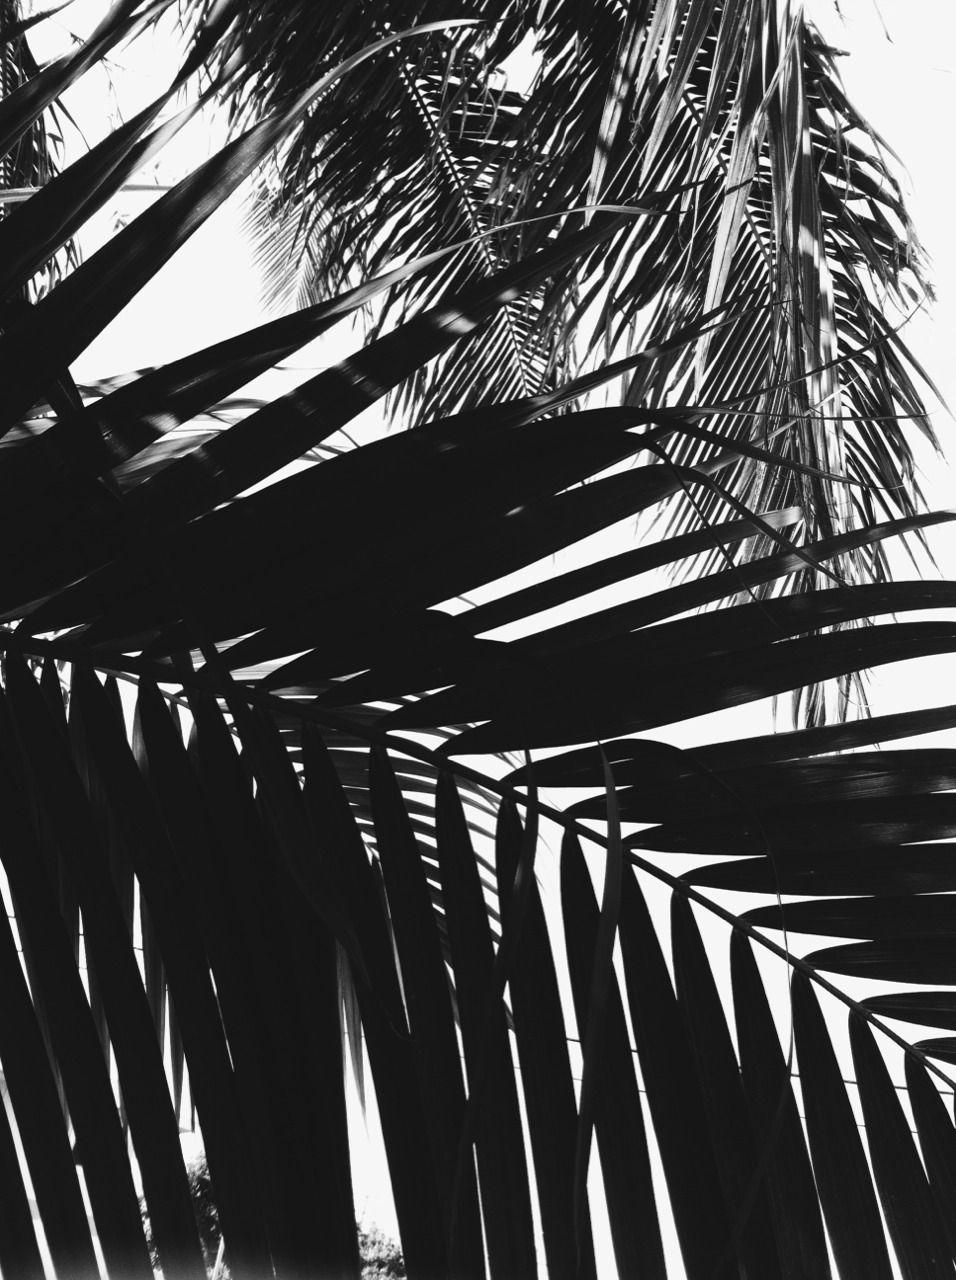 tumblr illustration pinterest palm black and plants. Black Bedroom Furniture Sets. Home Design Ideas